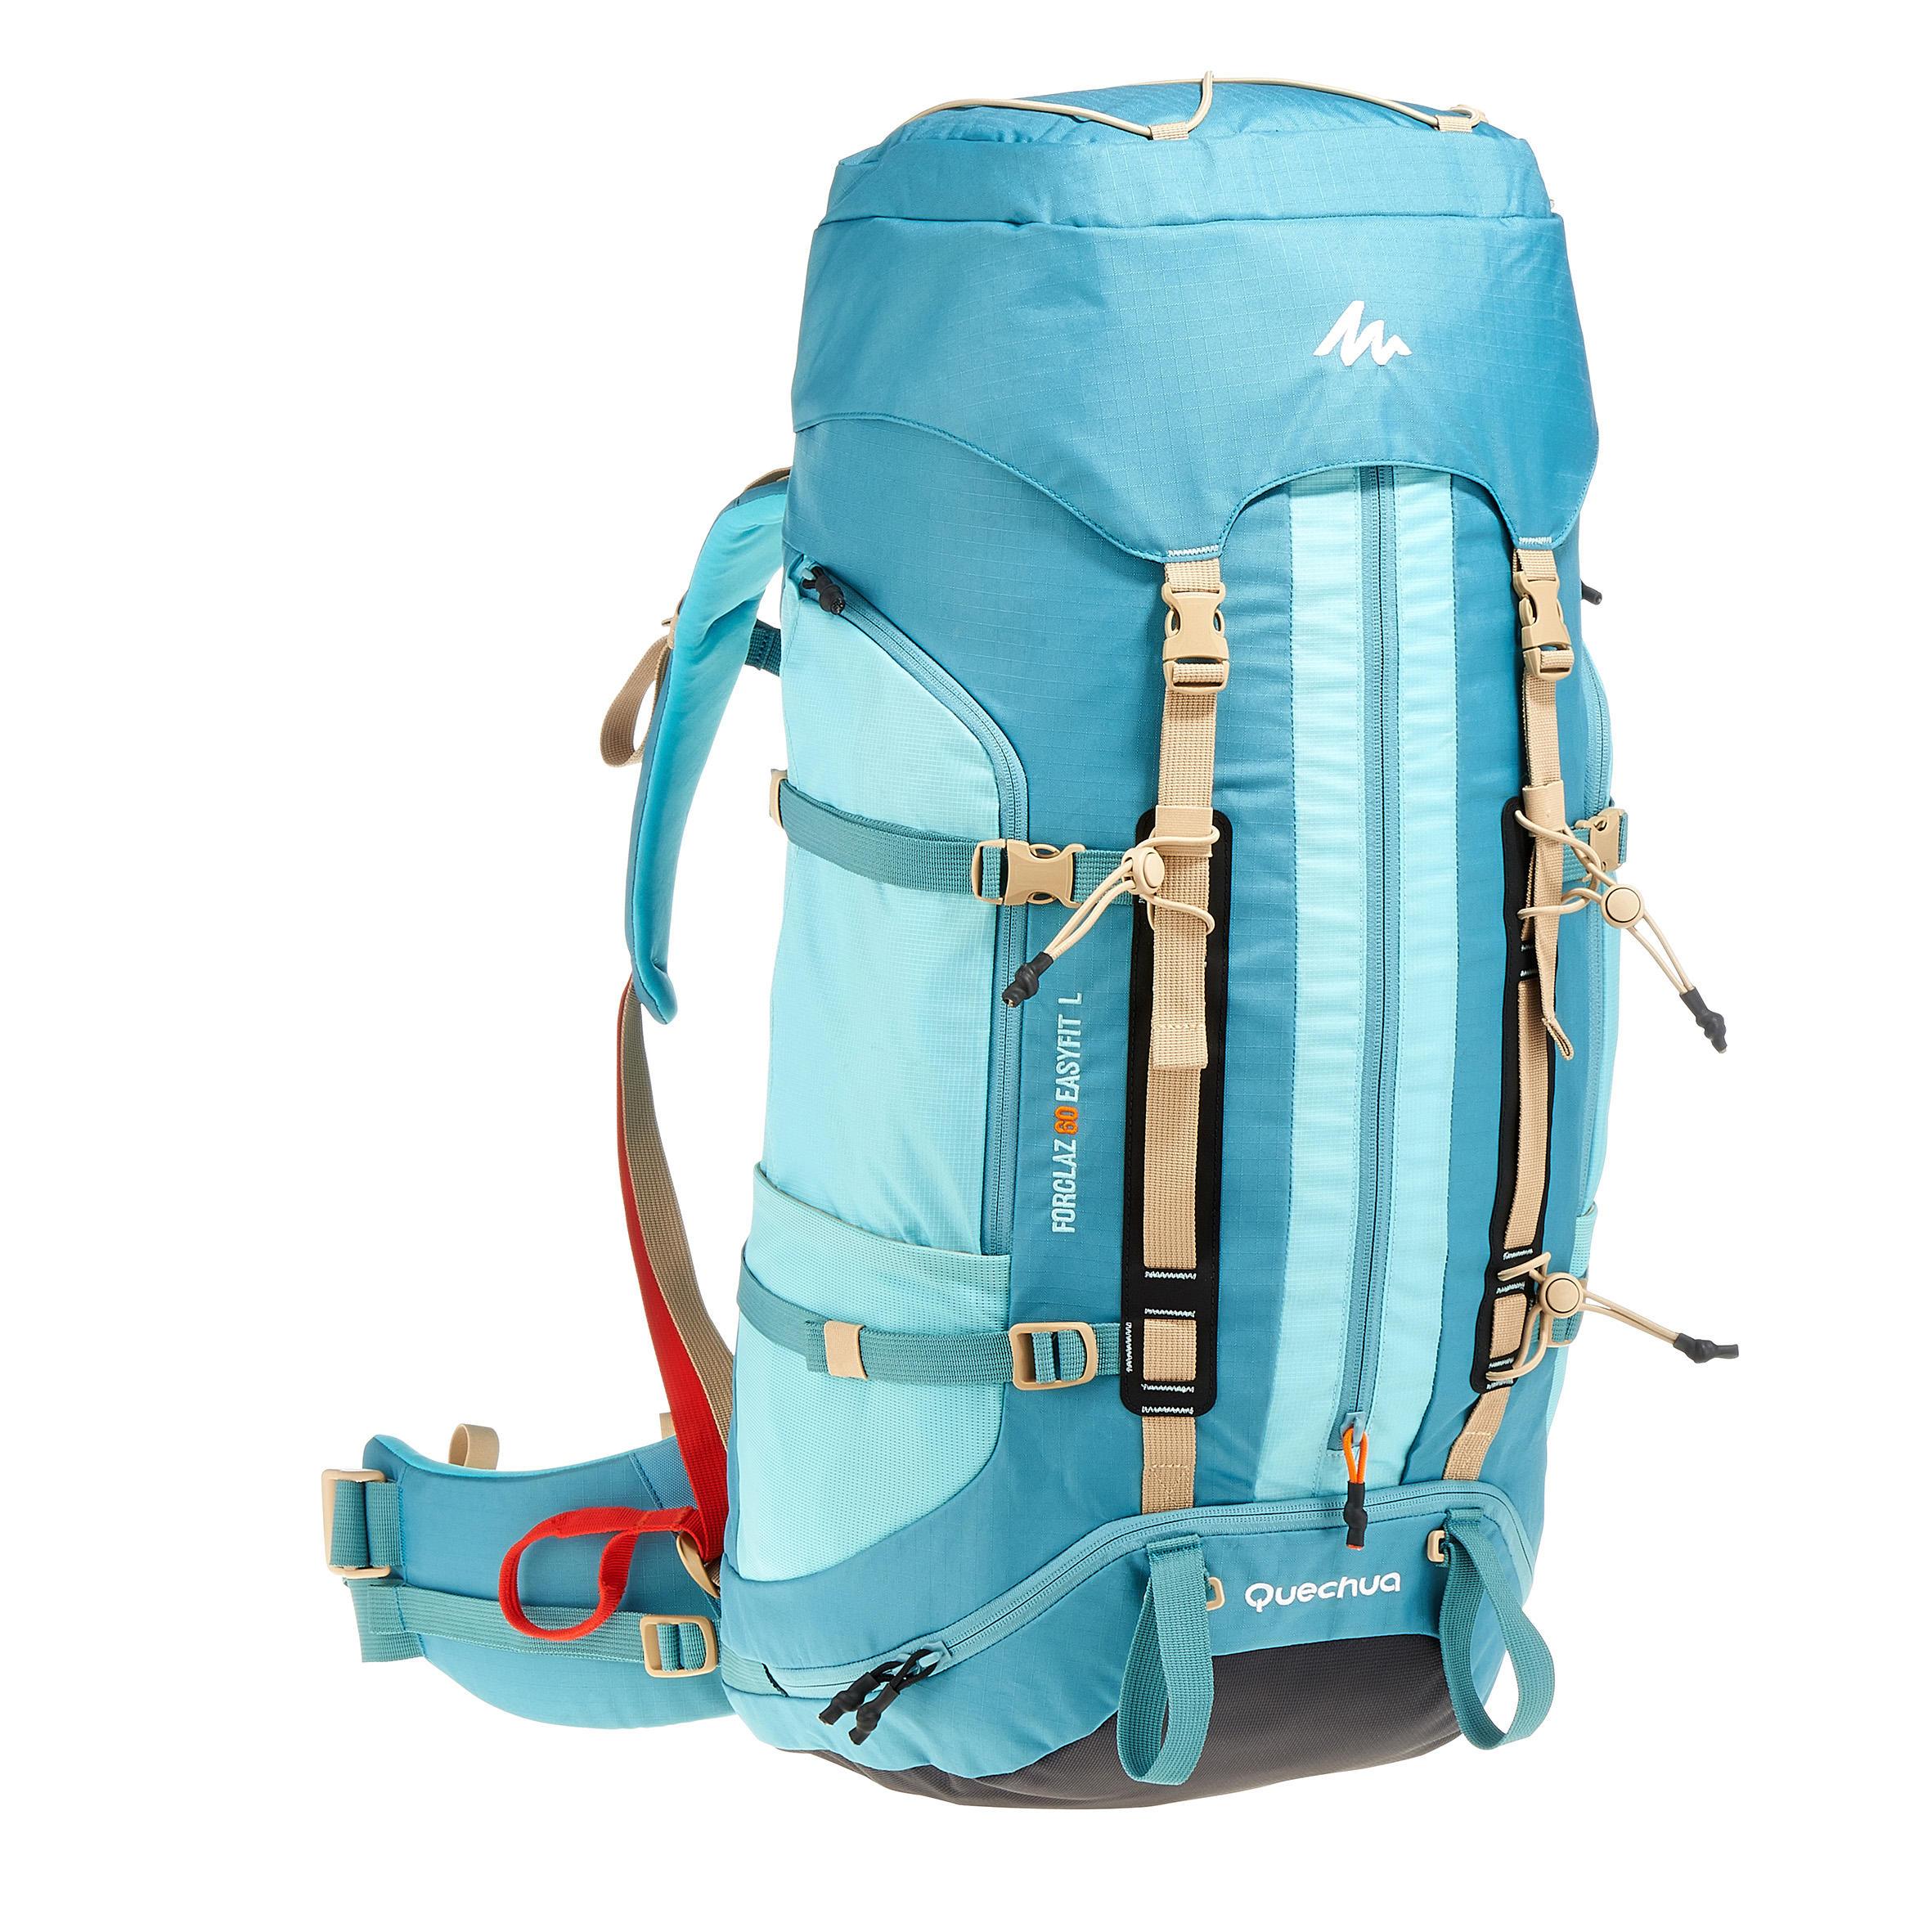 abgeholt 2019 Ausverkauf heißes Produkt Quechua Trekkingrucksack 60l | Building Materials Bargain Center